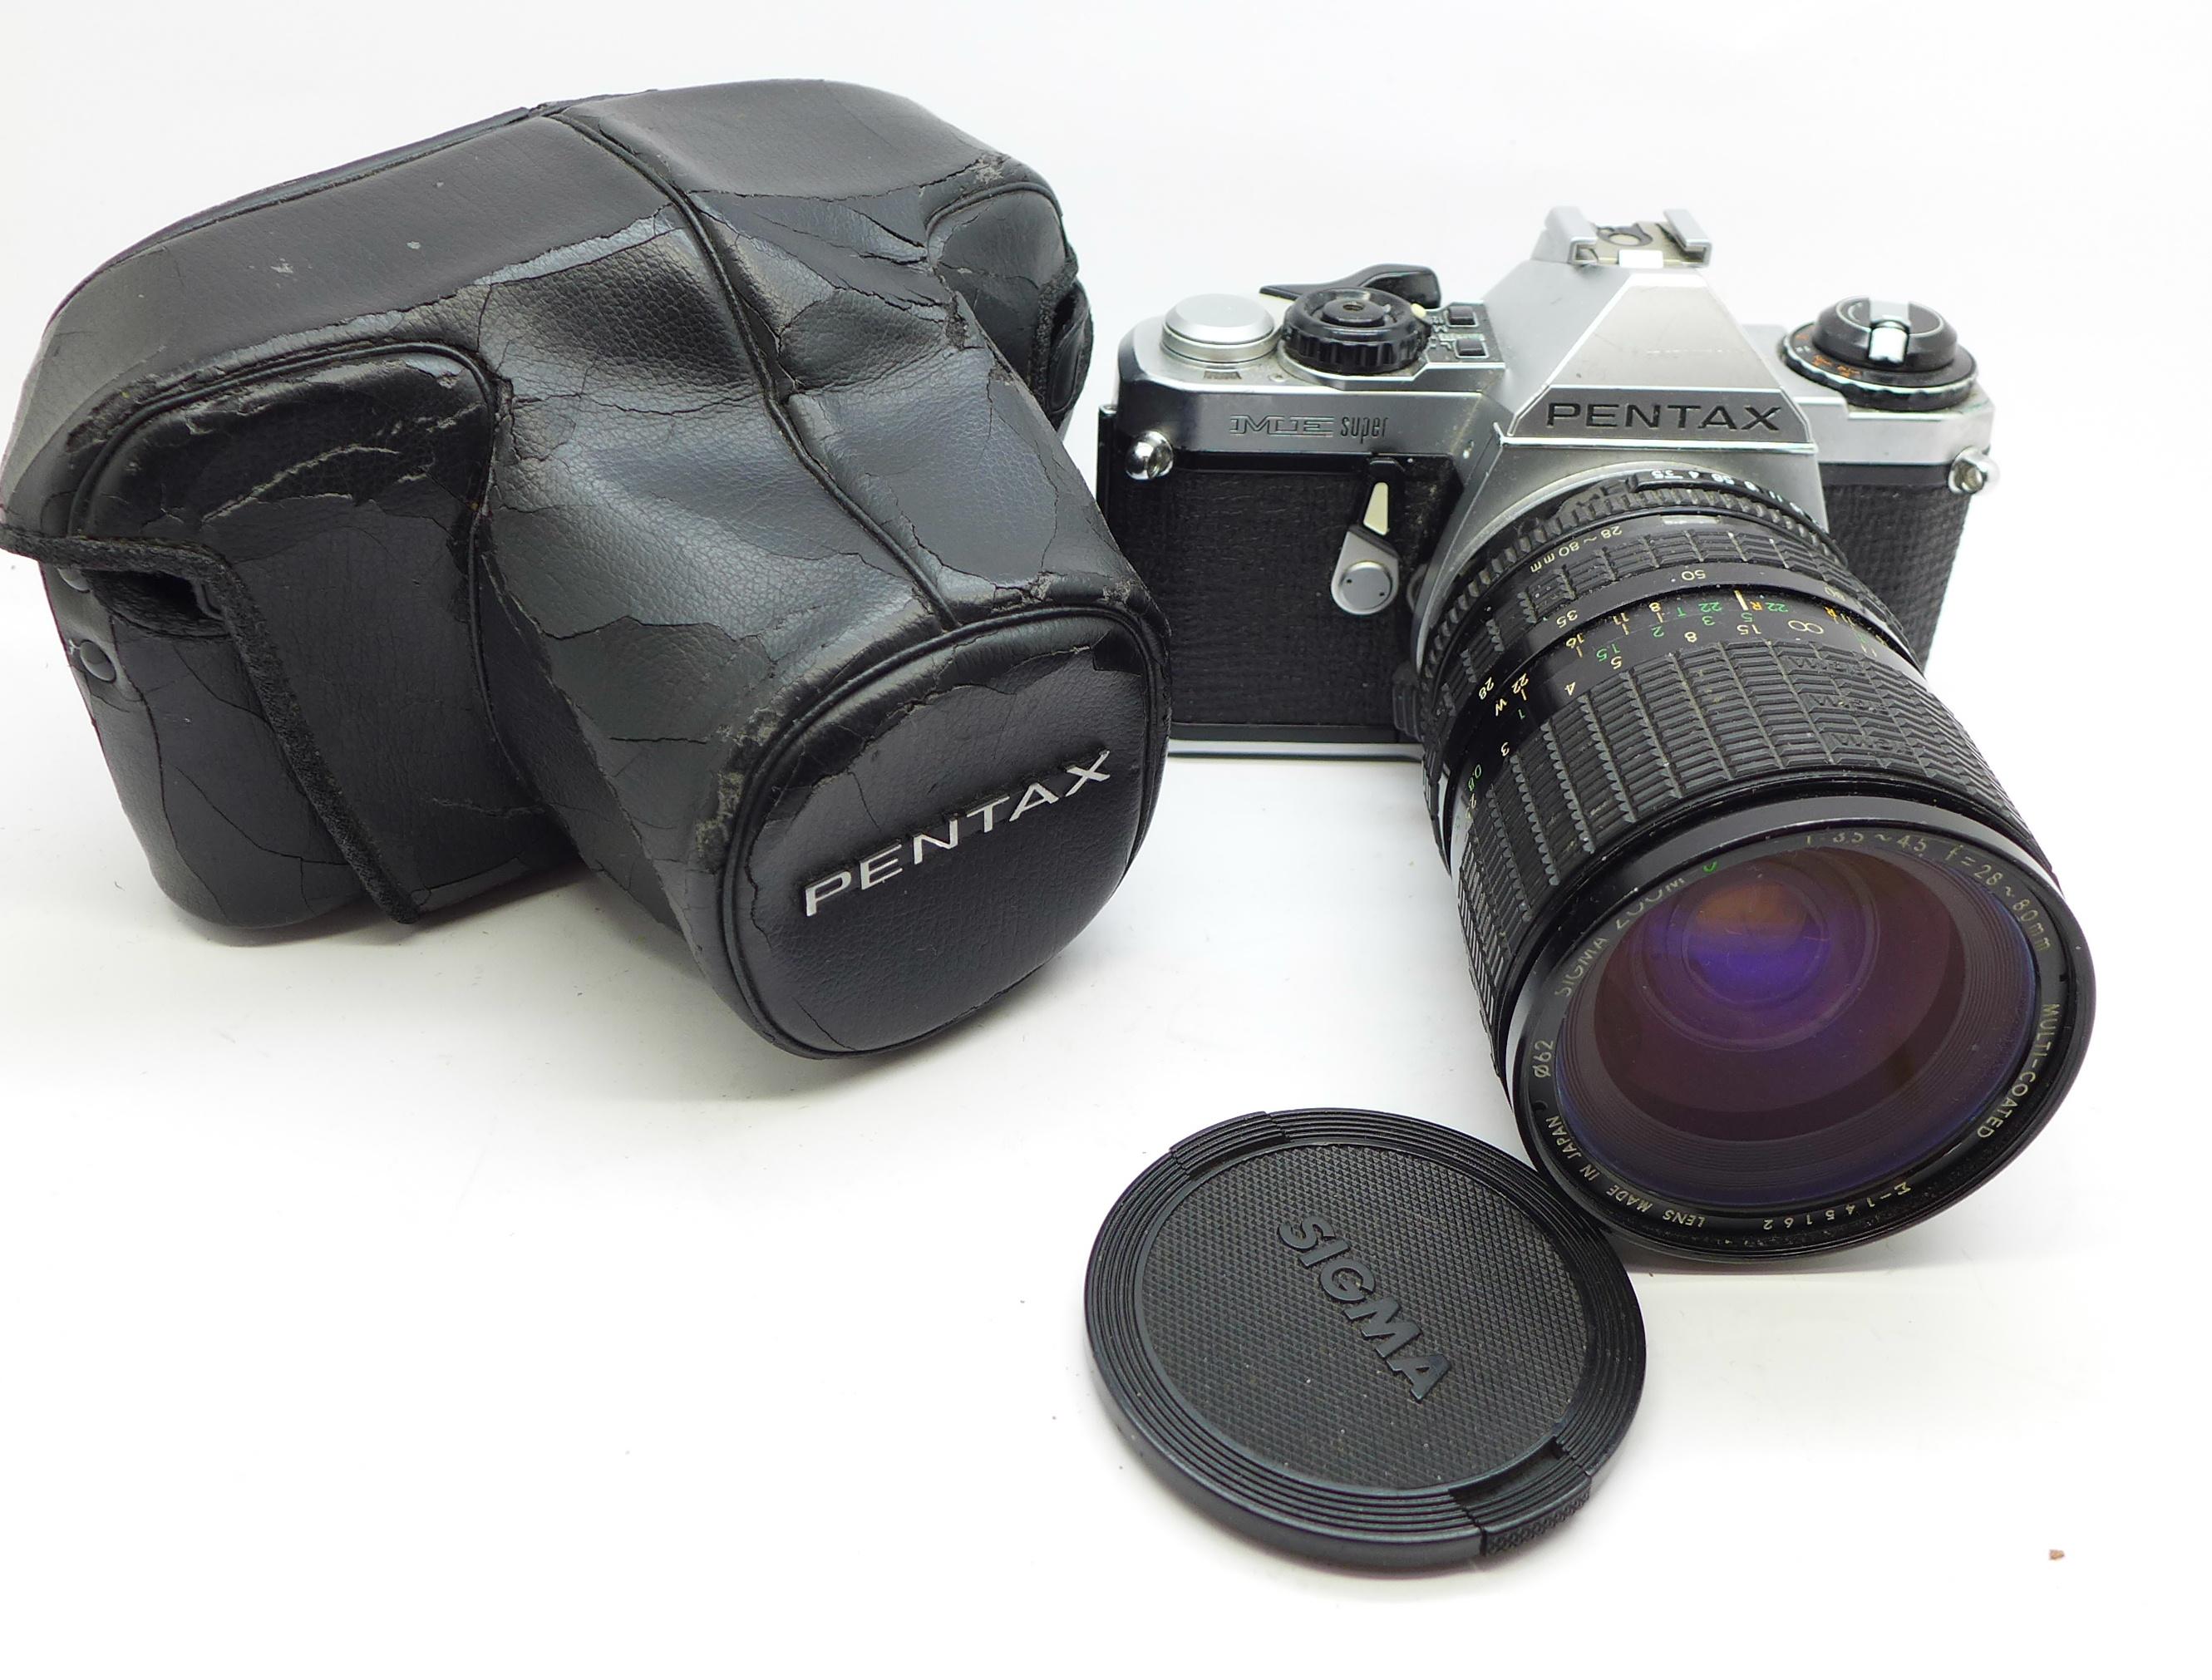 Lot 636 - A Pentax ME Super camera with Sigma 28-80mm f3.5-4.